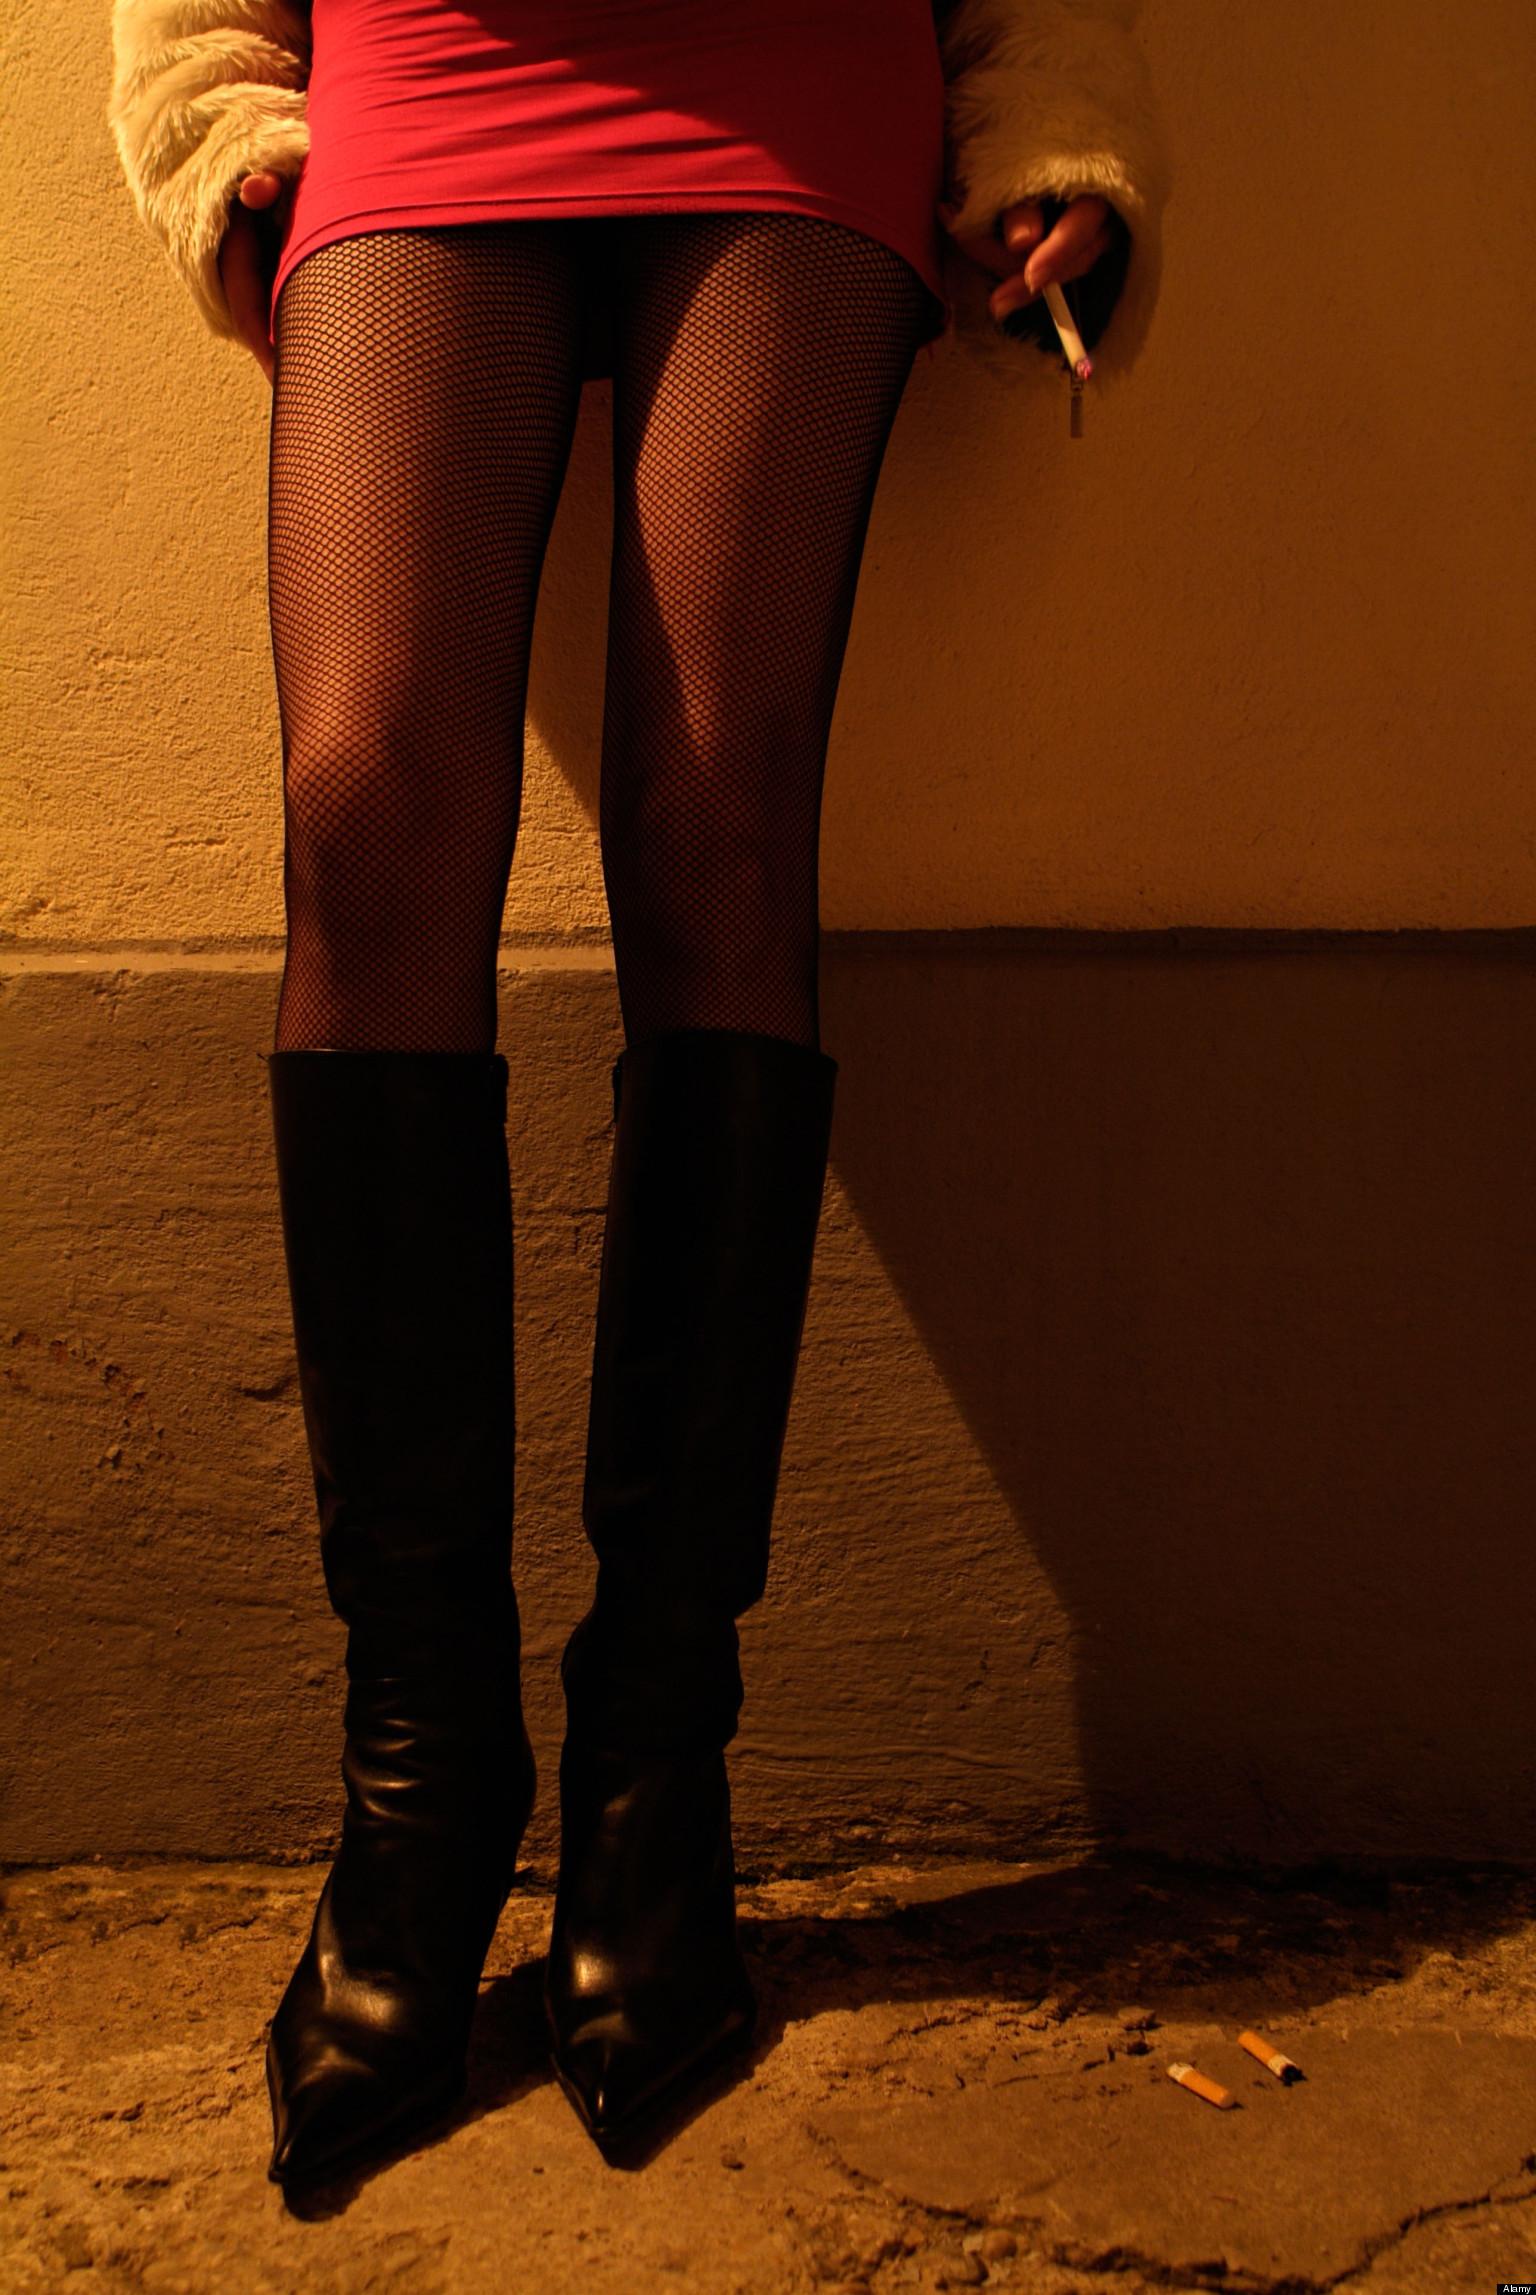 Prostitutes Voúla